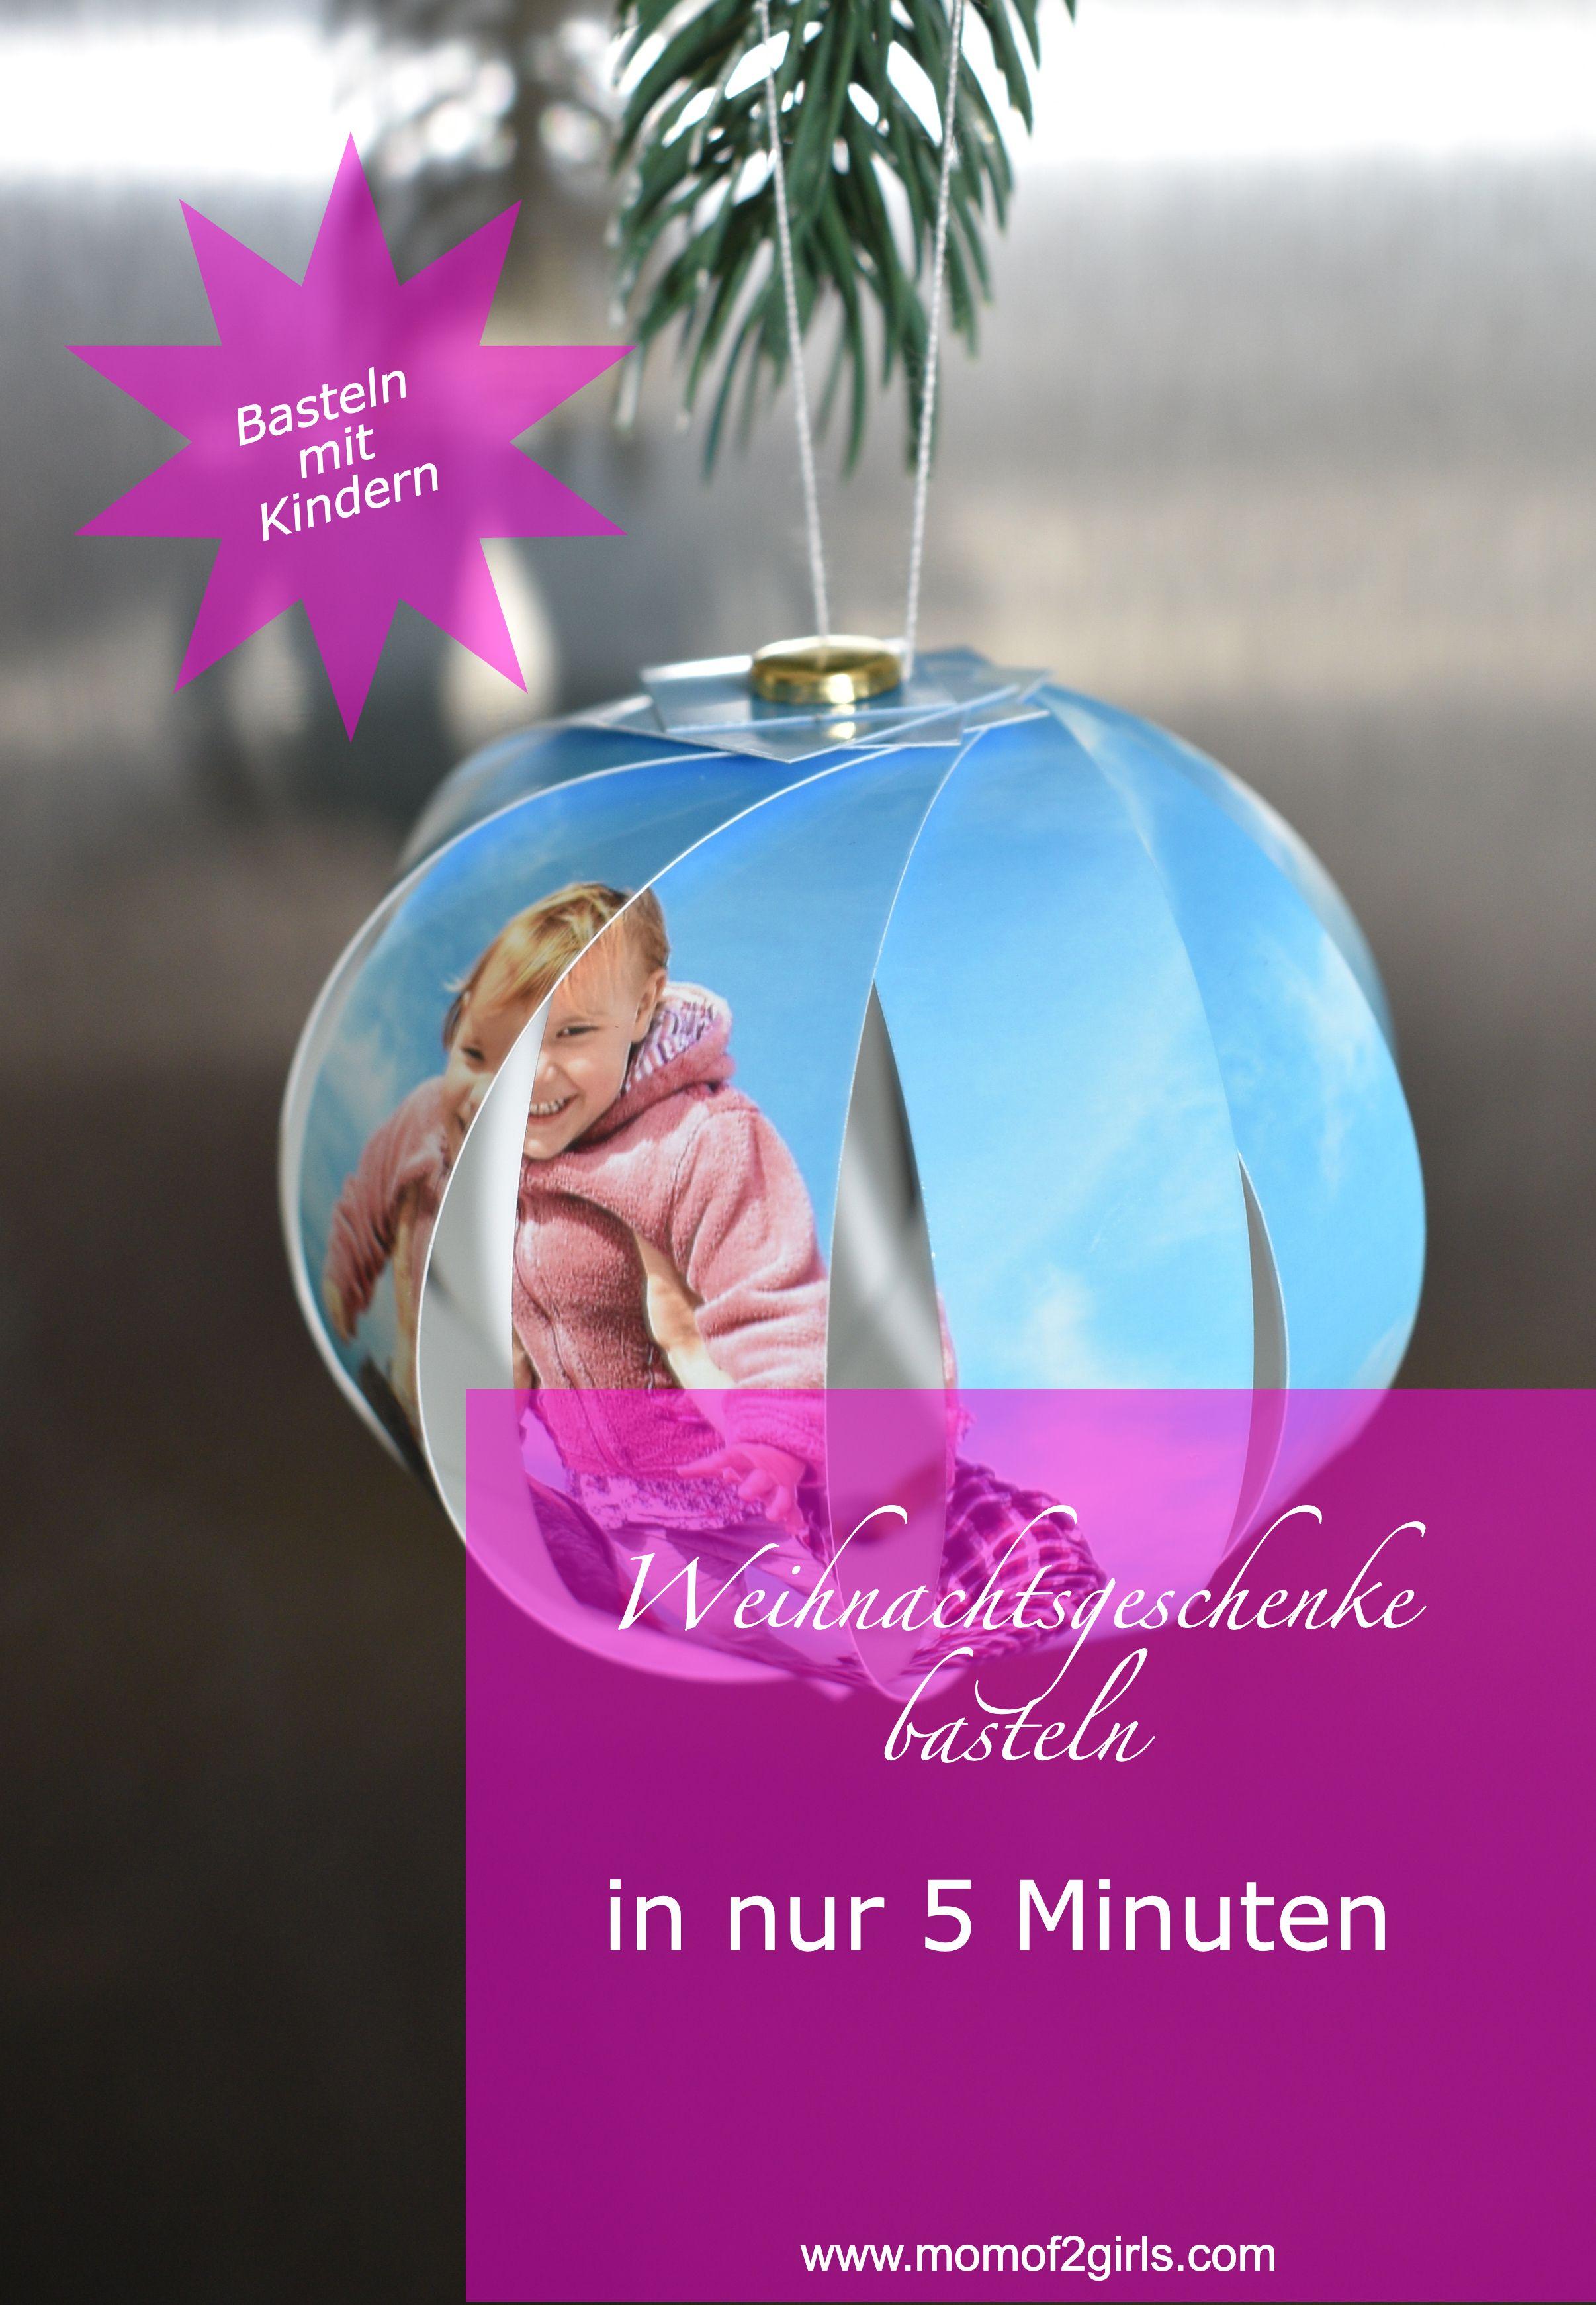 Wundervoll Weihnachtsgeschenke Zum Selber Machen Ideen Von Diy, Mit Kindern Basteln. Tolle, Kreative Und